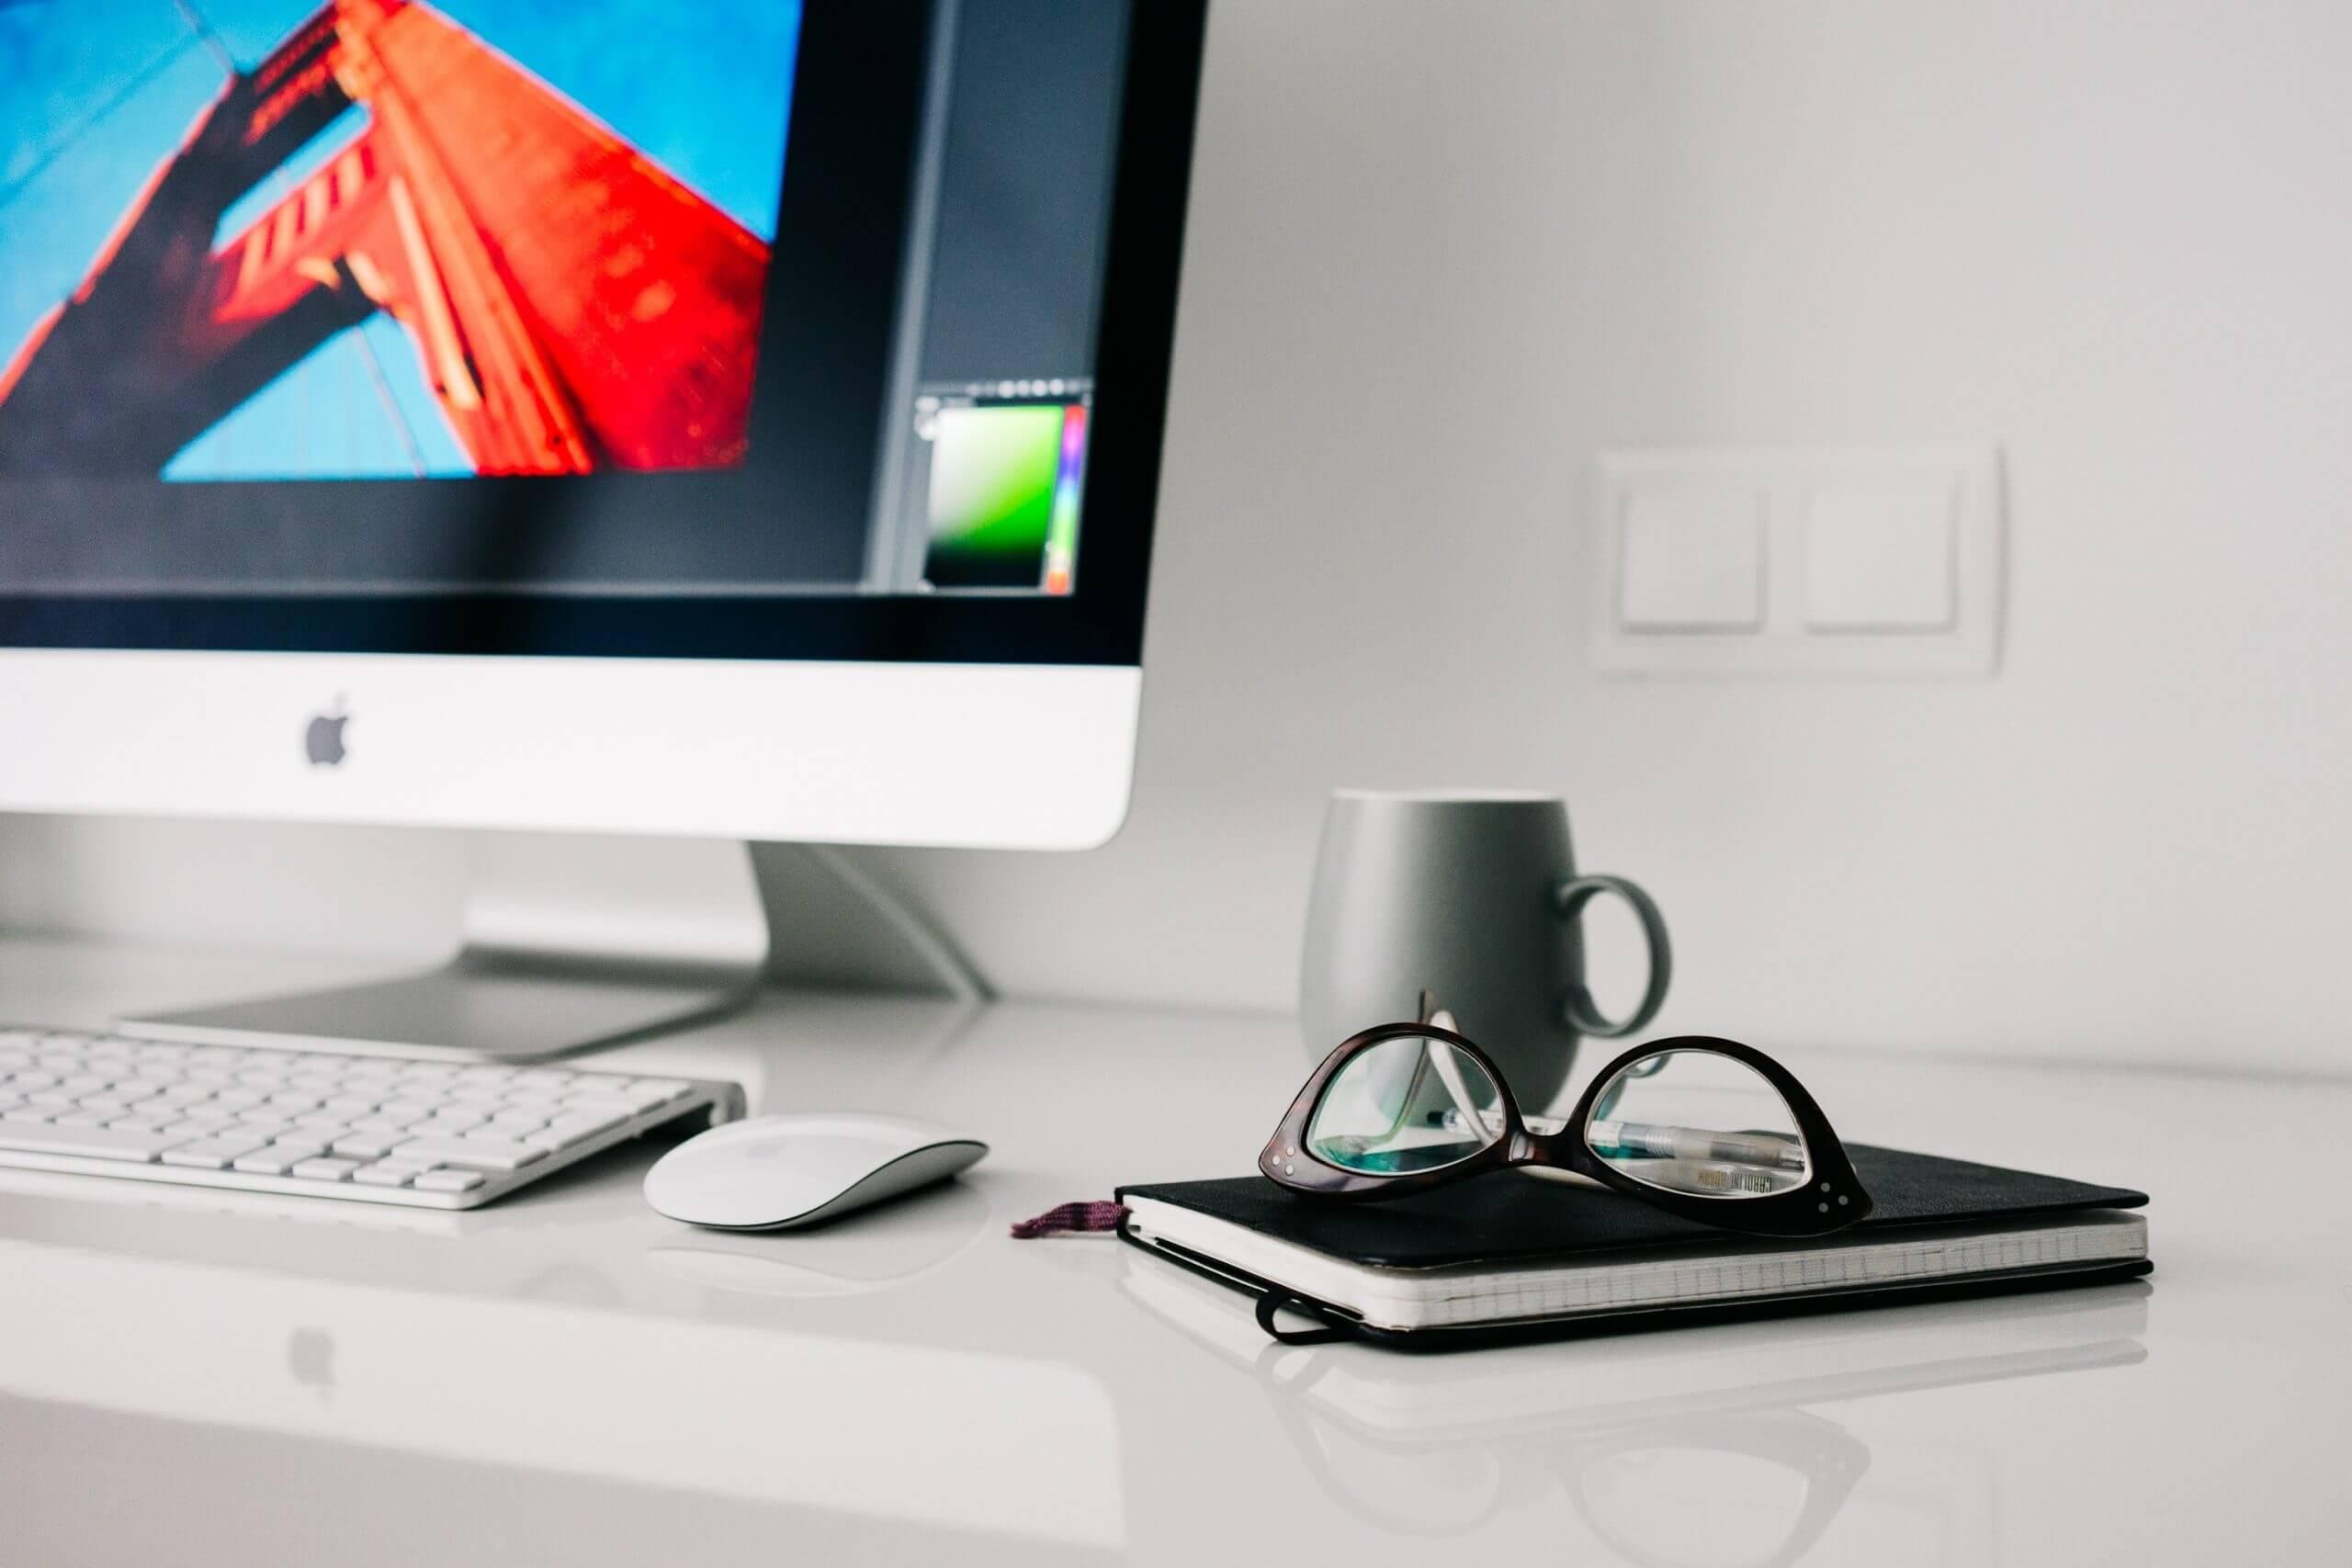 Teletrabajo: aprende a organizarte y aprovecha al máximo la situación